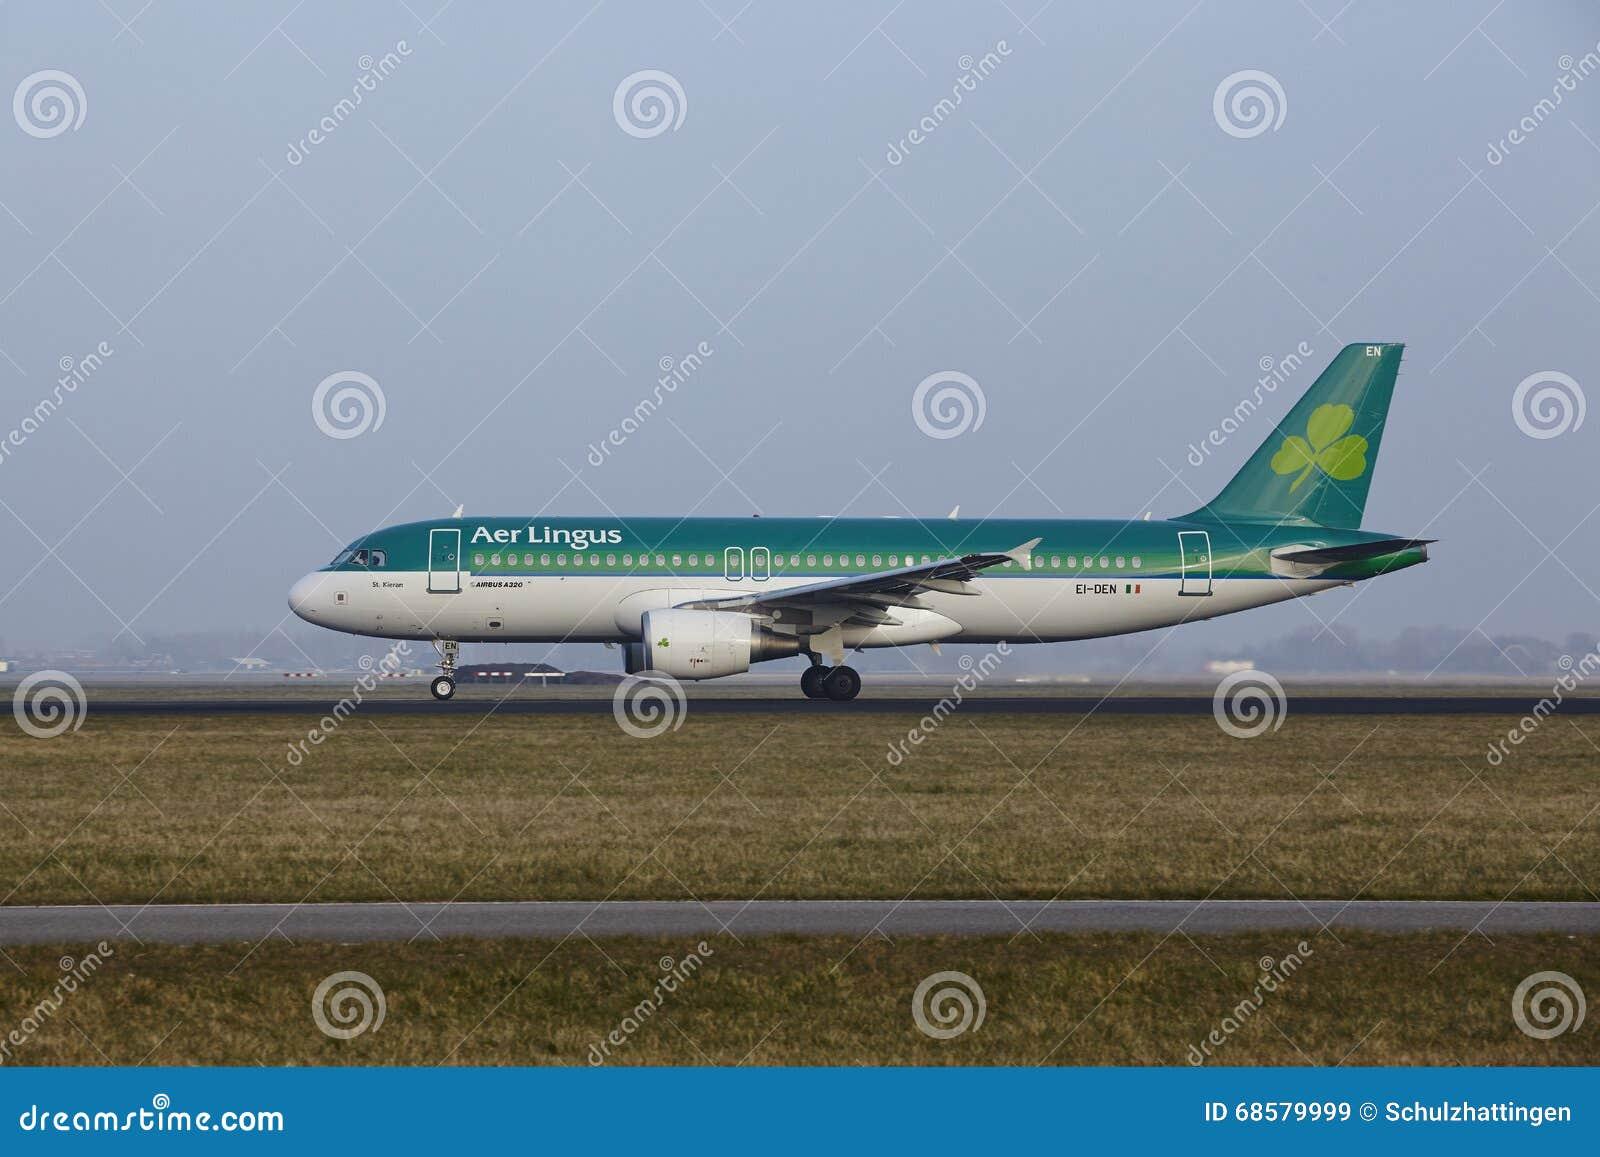 阿姆斯特丹史基浦机场-爱尔兰航空空客320离开